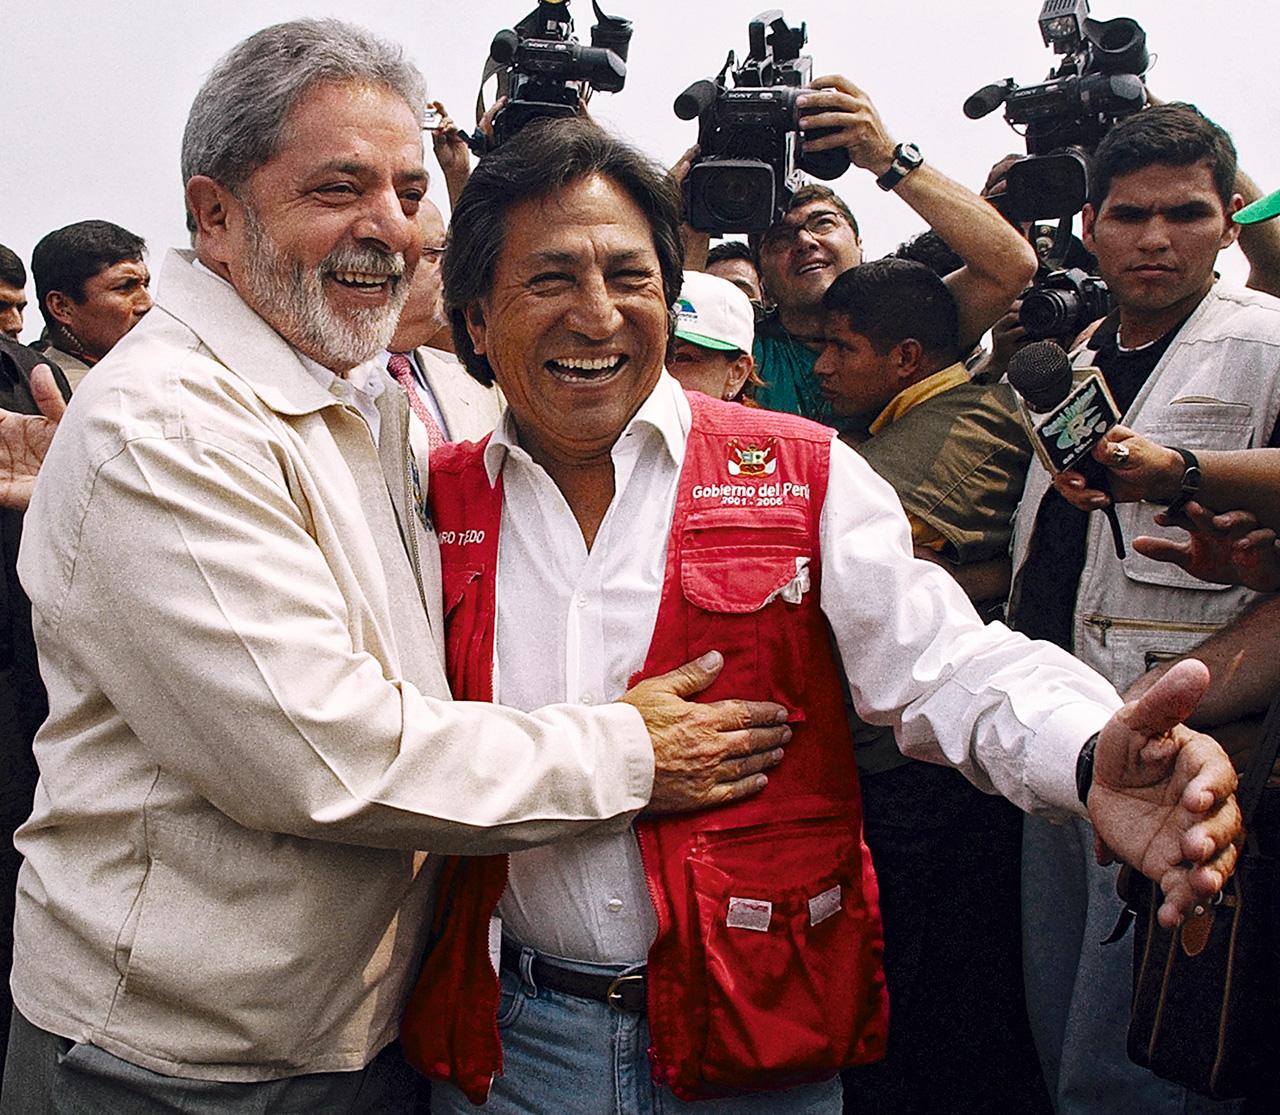 No final de 2005, Lula e Toledo se reuniram para inaugurar parte da Interoceânica, que iria ligar o Brasil ao Pacífico. Orçada em 800 milhões de dólares e capitaneada pela Odebrecht, a rodovia acabaria custando 2,3 bilhões aos cofres peruanos